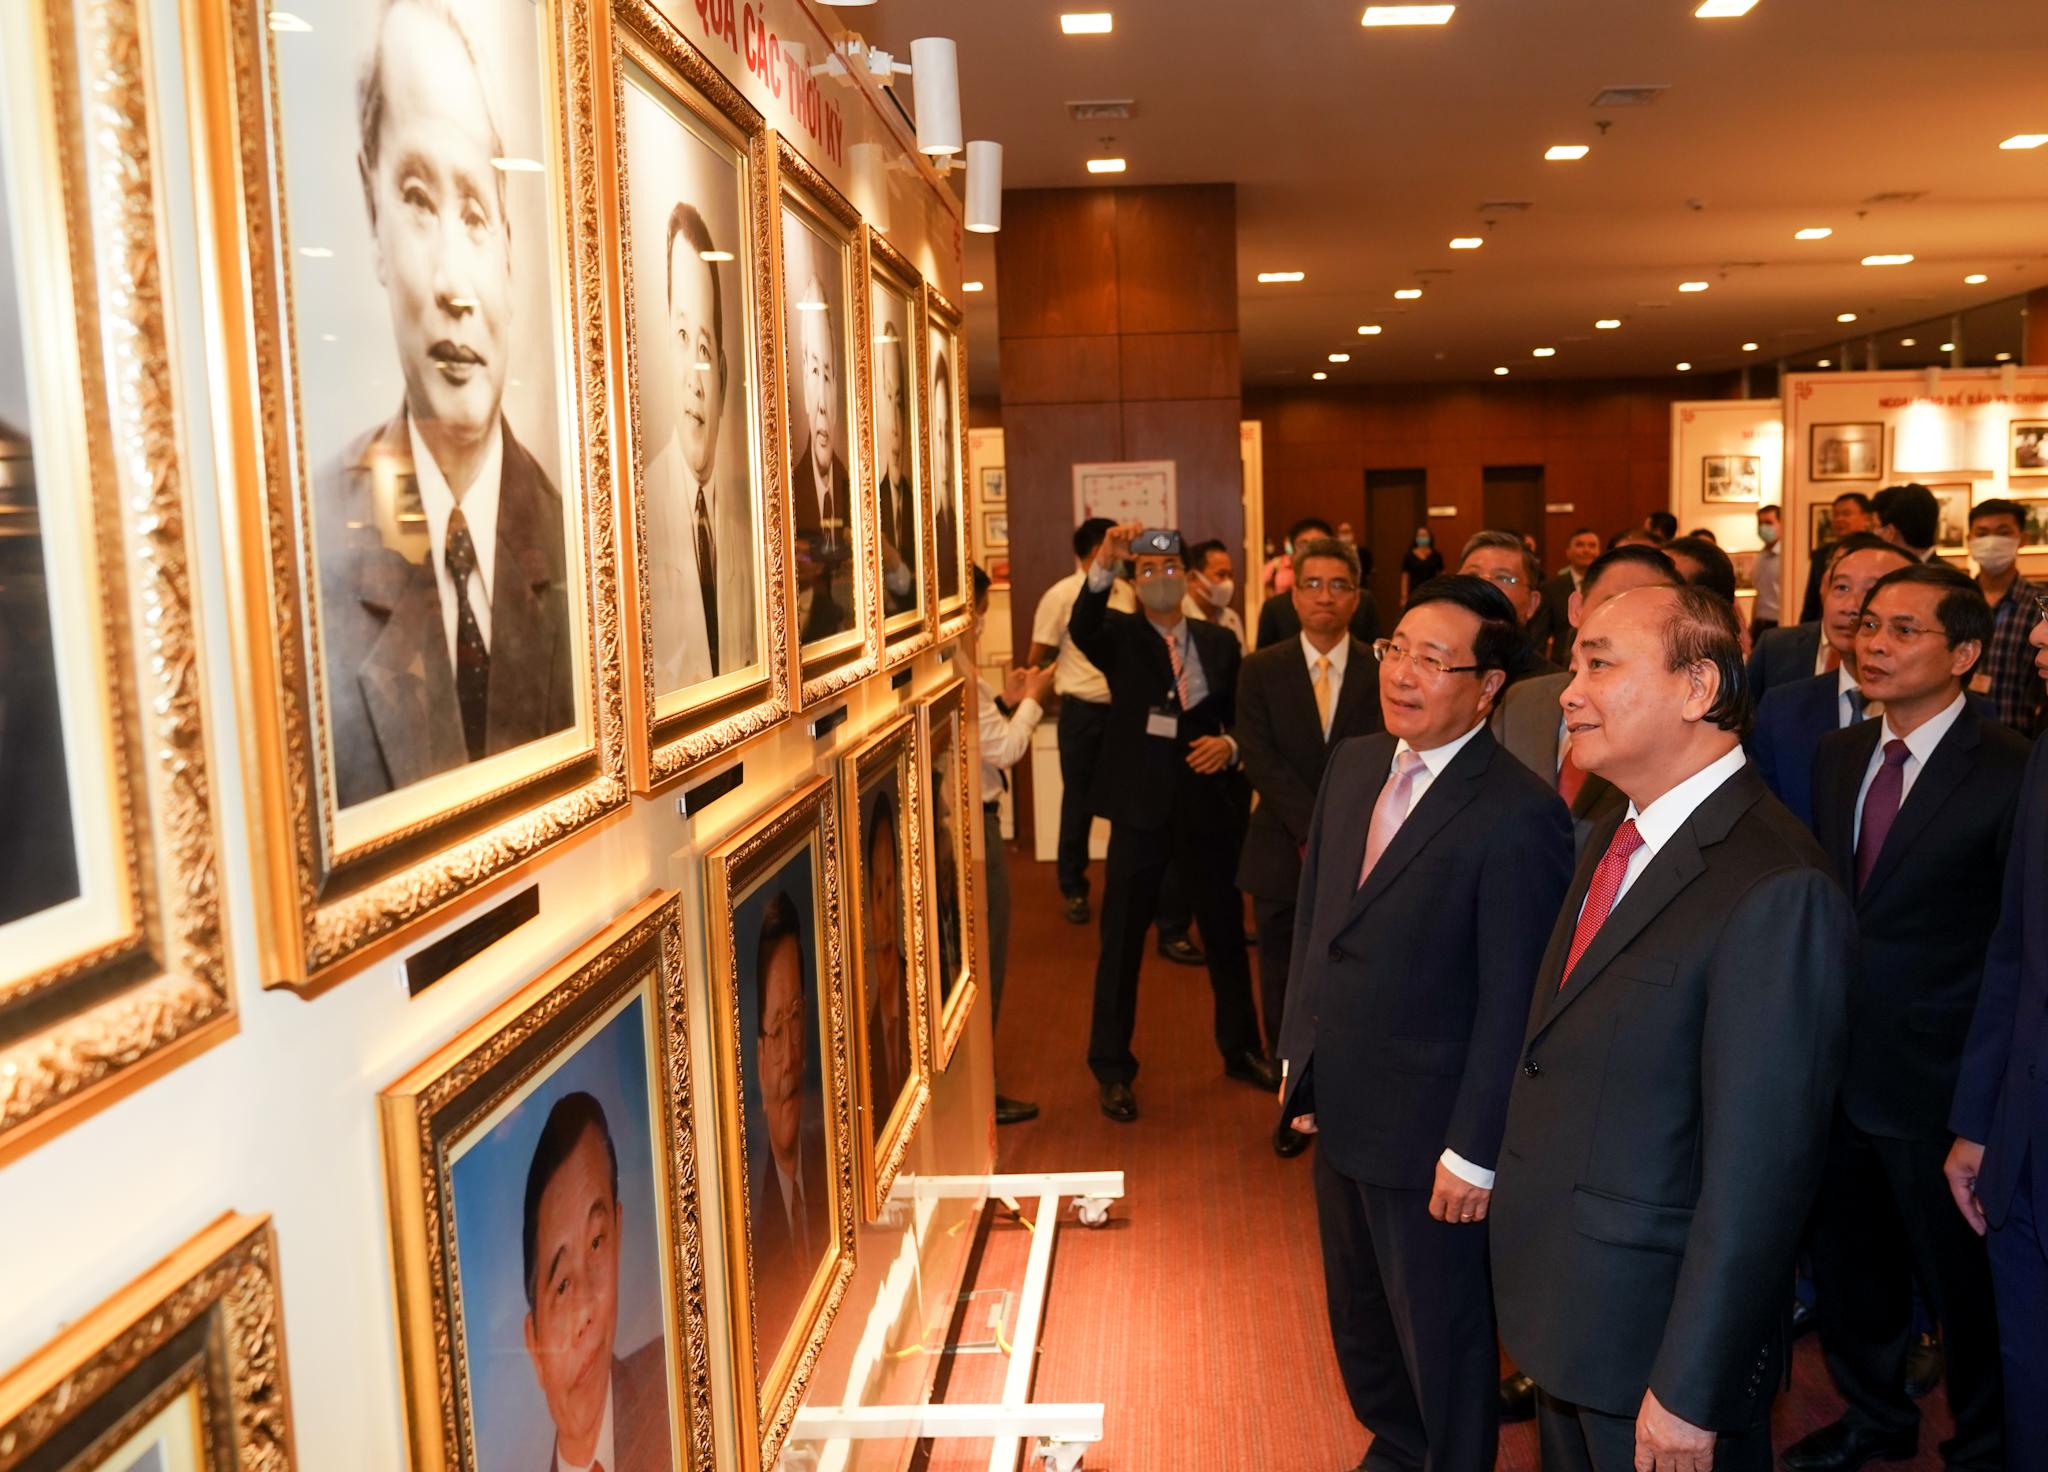 Thủ tướng dự kỷ niệm 75 năm thành lập ngành ngoại giao Việt Nam 6